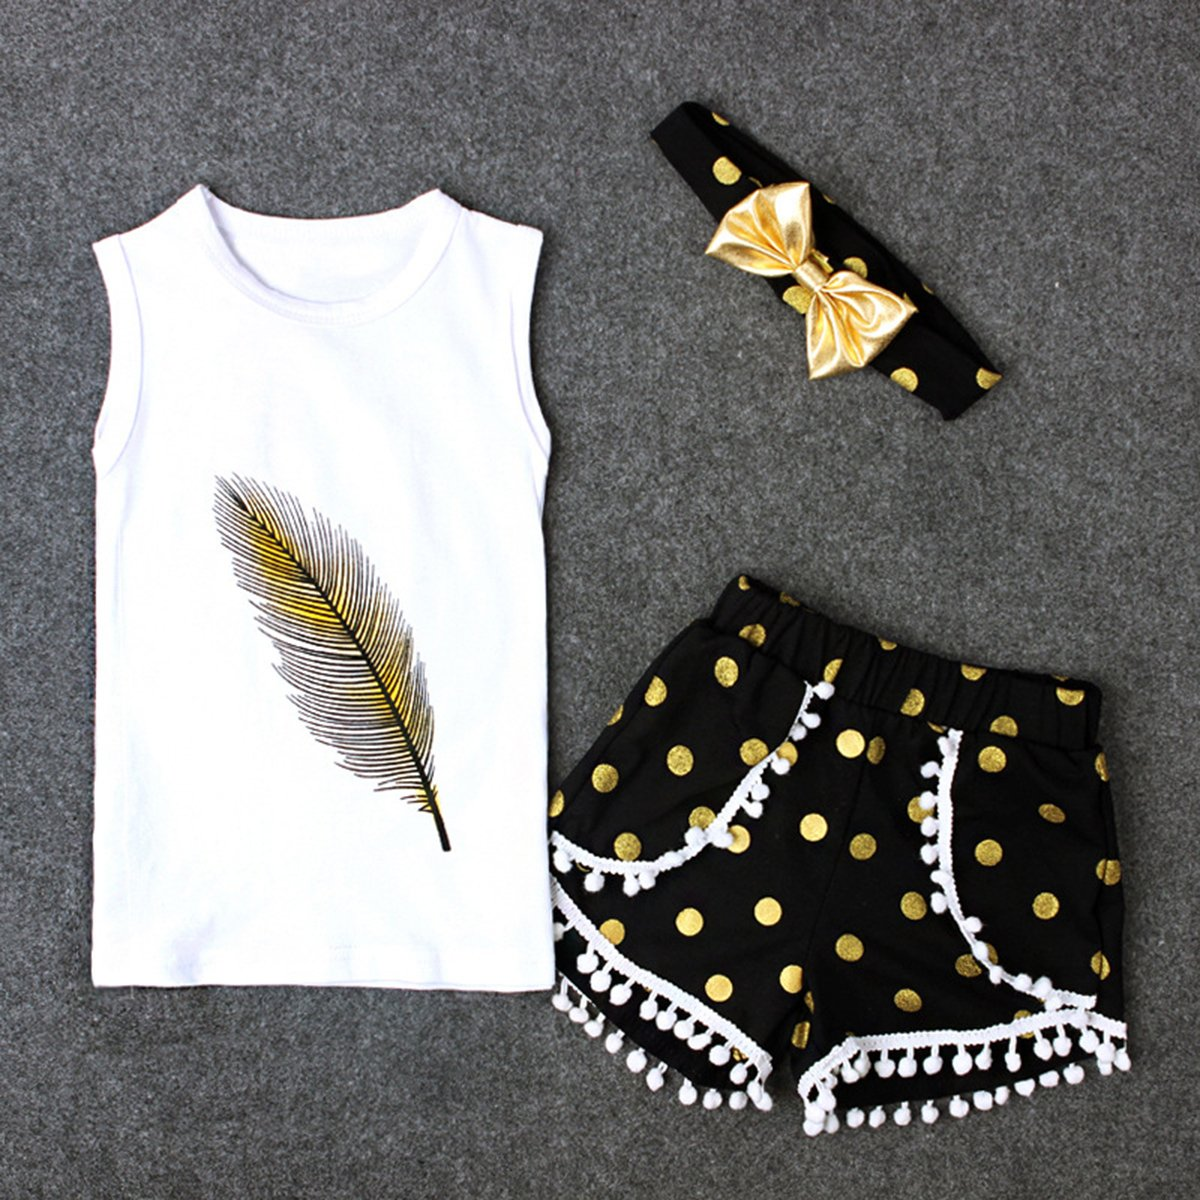 pantal/ón corto y diadema White+Black Talla:1-2 a/ños Conjunto de traje Puseky para ni/ña; con plumas camiseta sin mangas